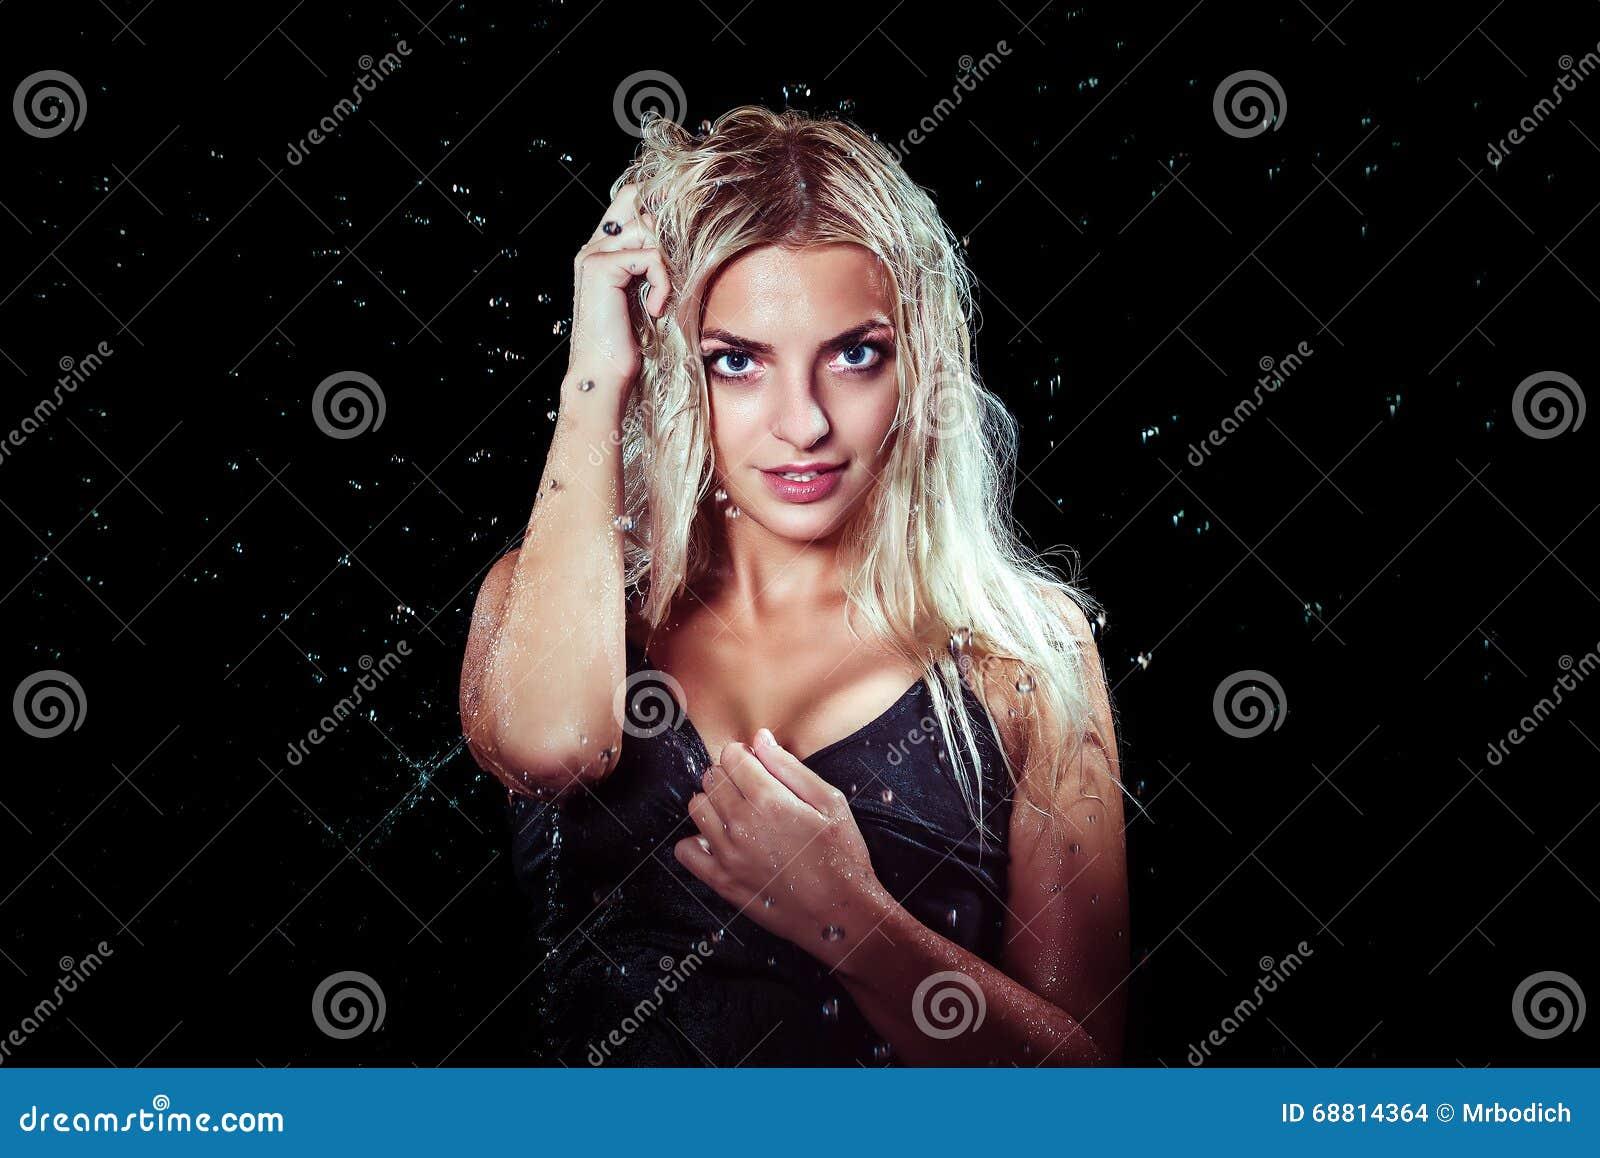 Warum spritzt eine Frau